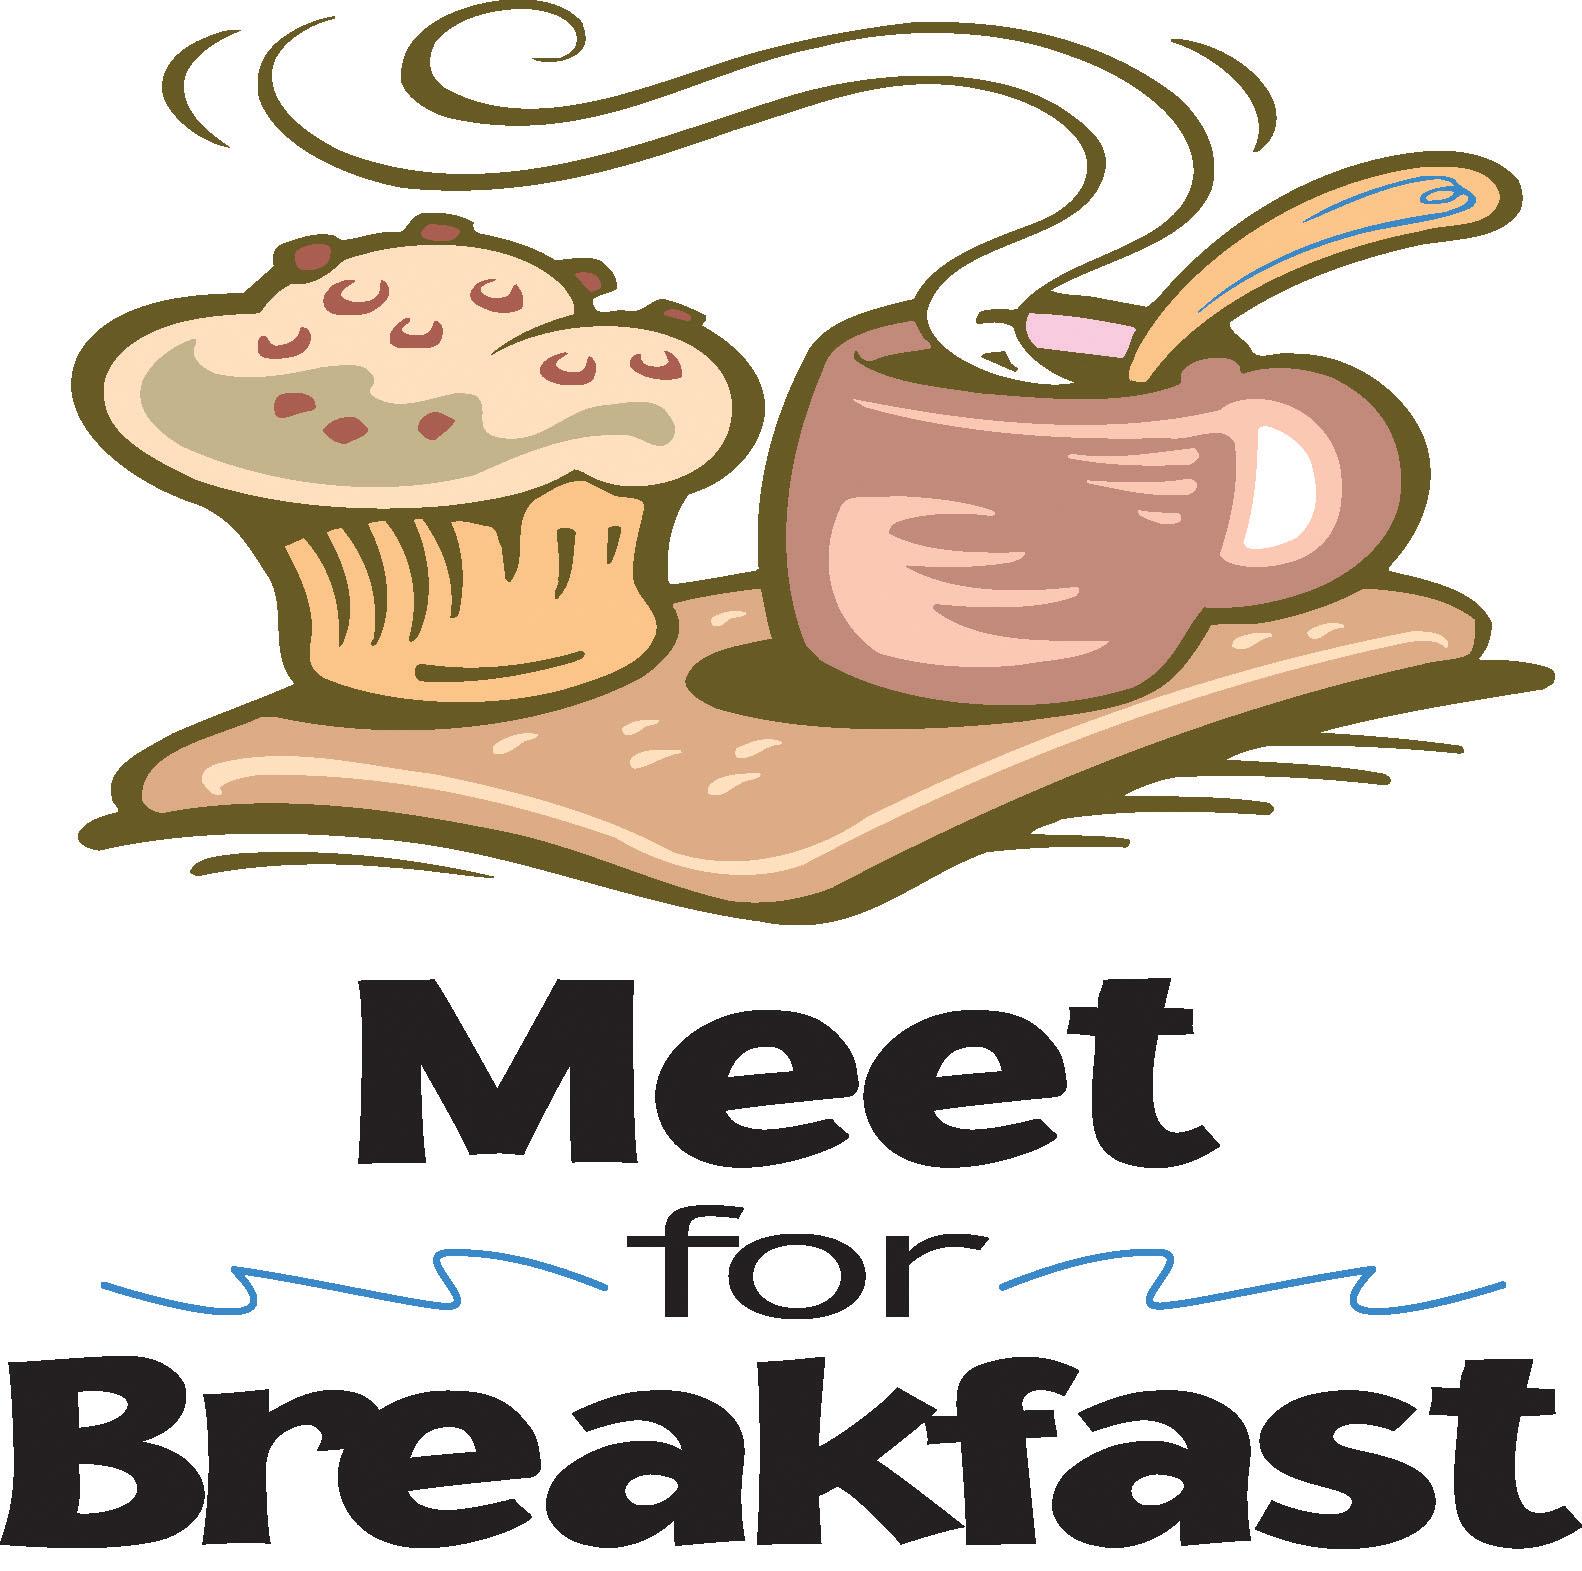 Breakfast meeting. Brunch clipart church